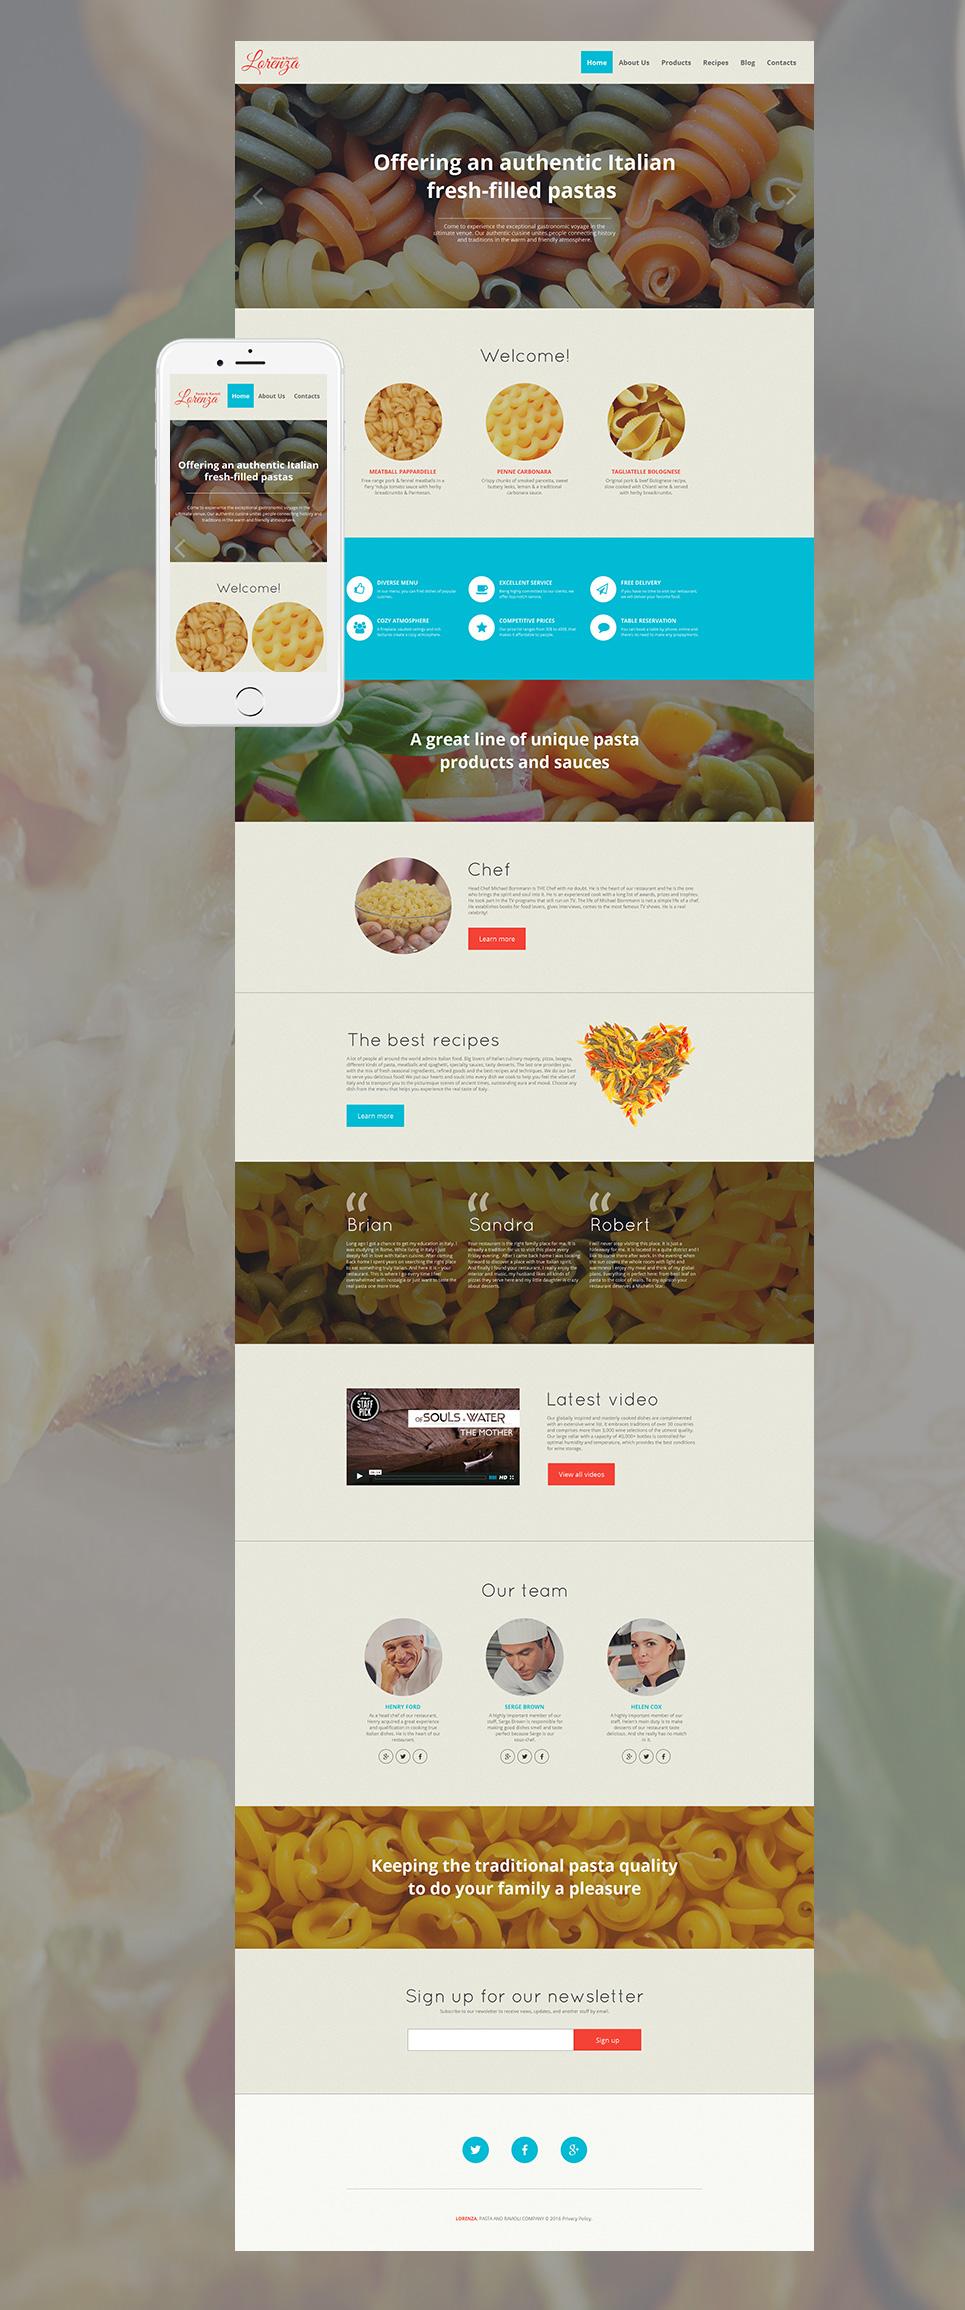 MotoCMS HTML Szablon #59079 z kategorii Jedzenie & Napoje - image